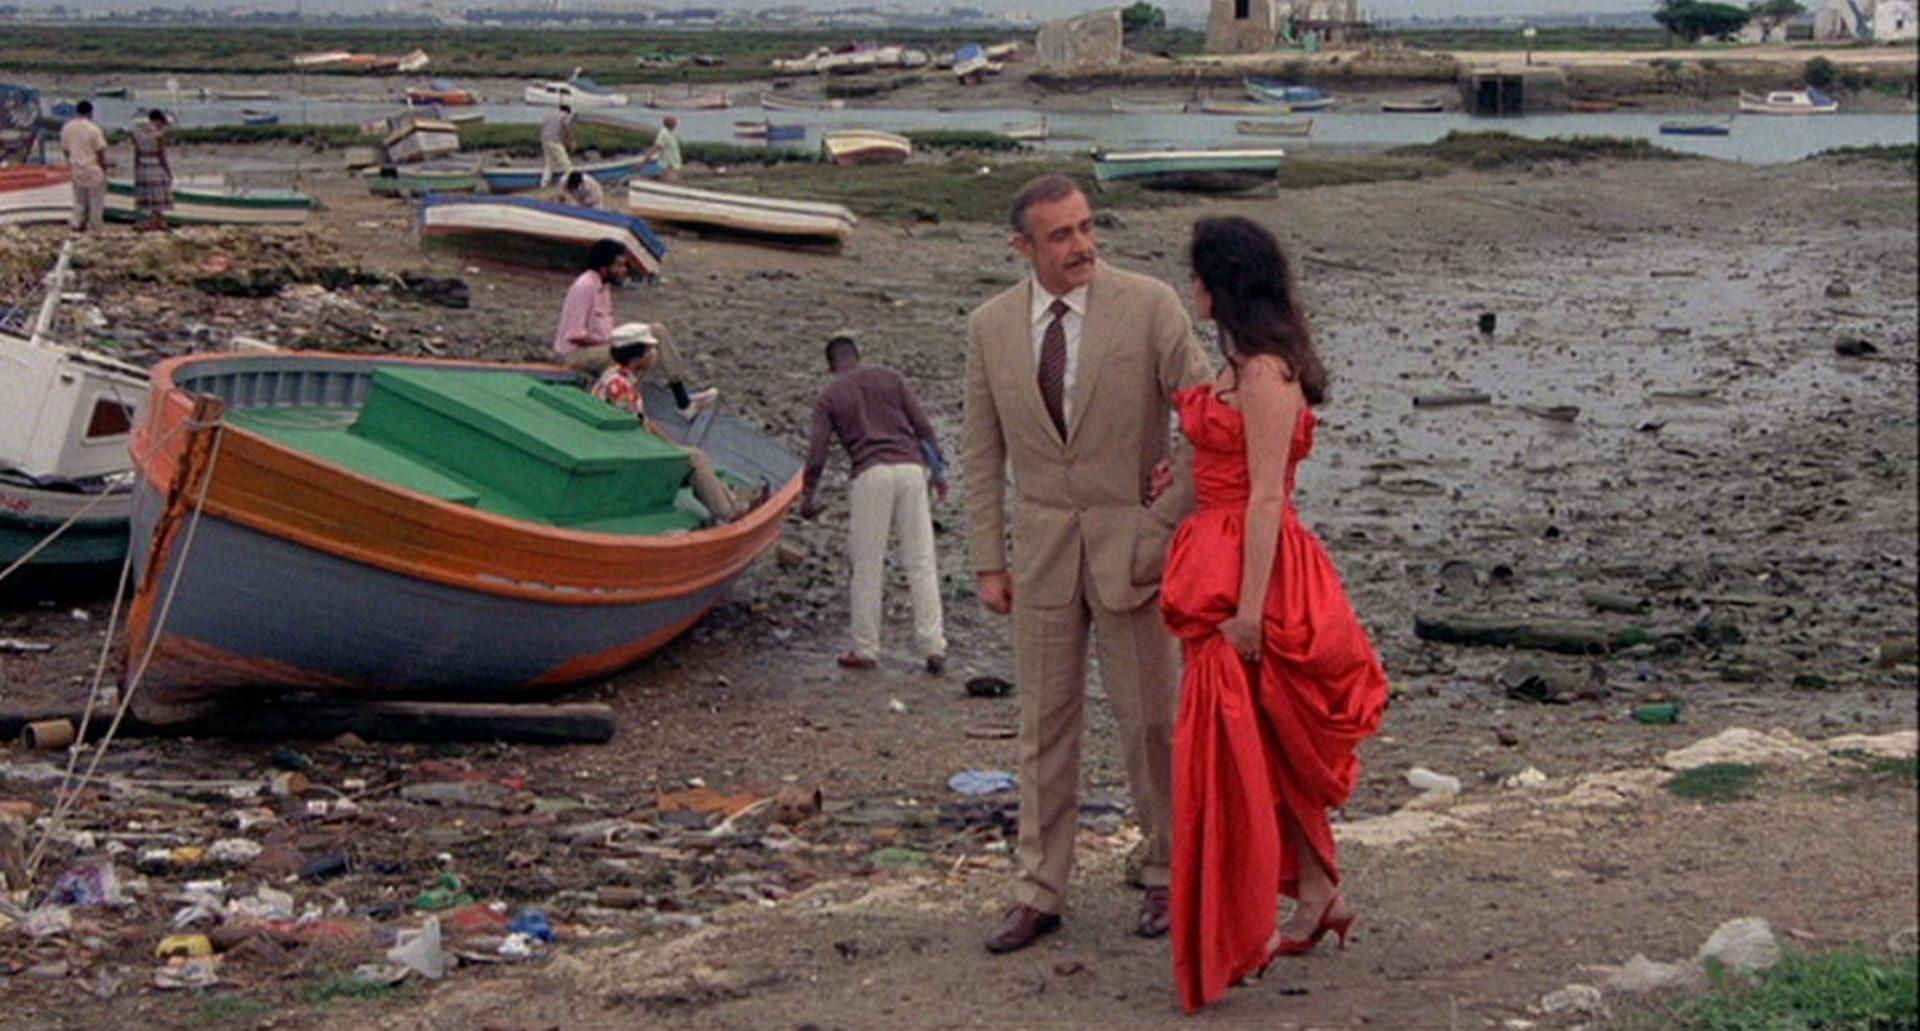 Connery in matschiger Umgebung mit kleinen Booten im Hintergrund.